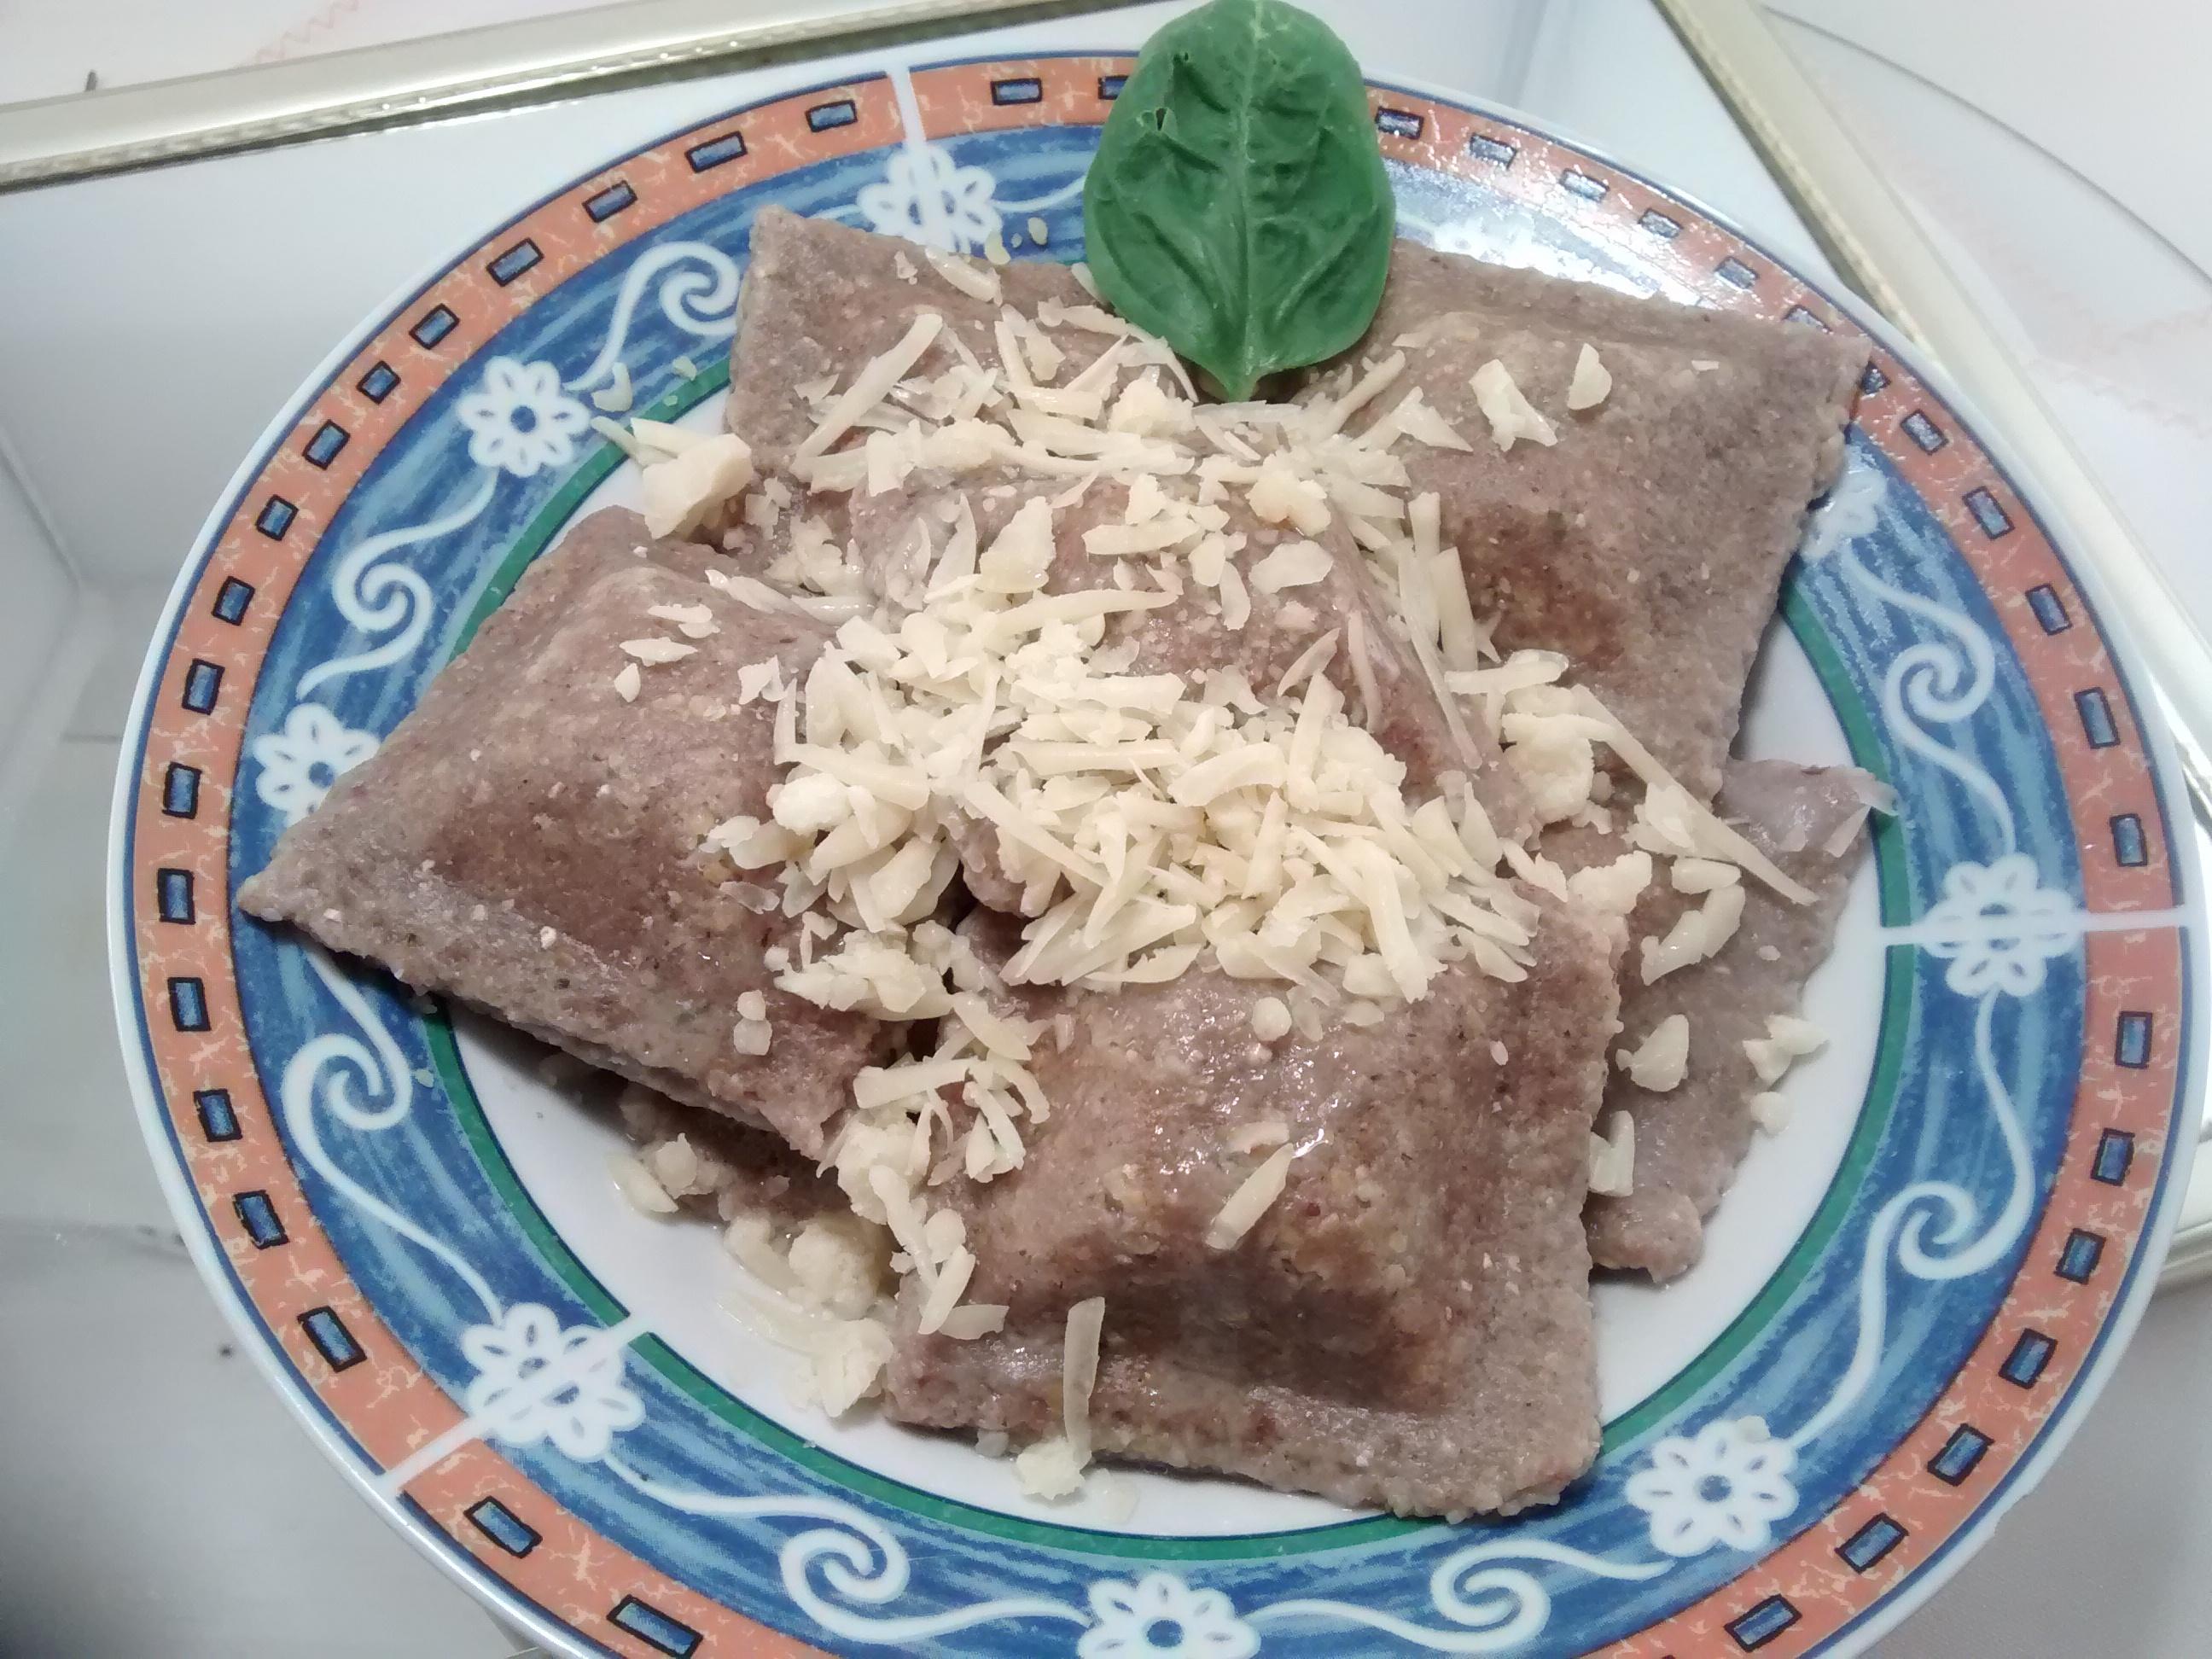 plato de raviolones de ricota y papa